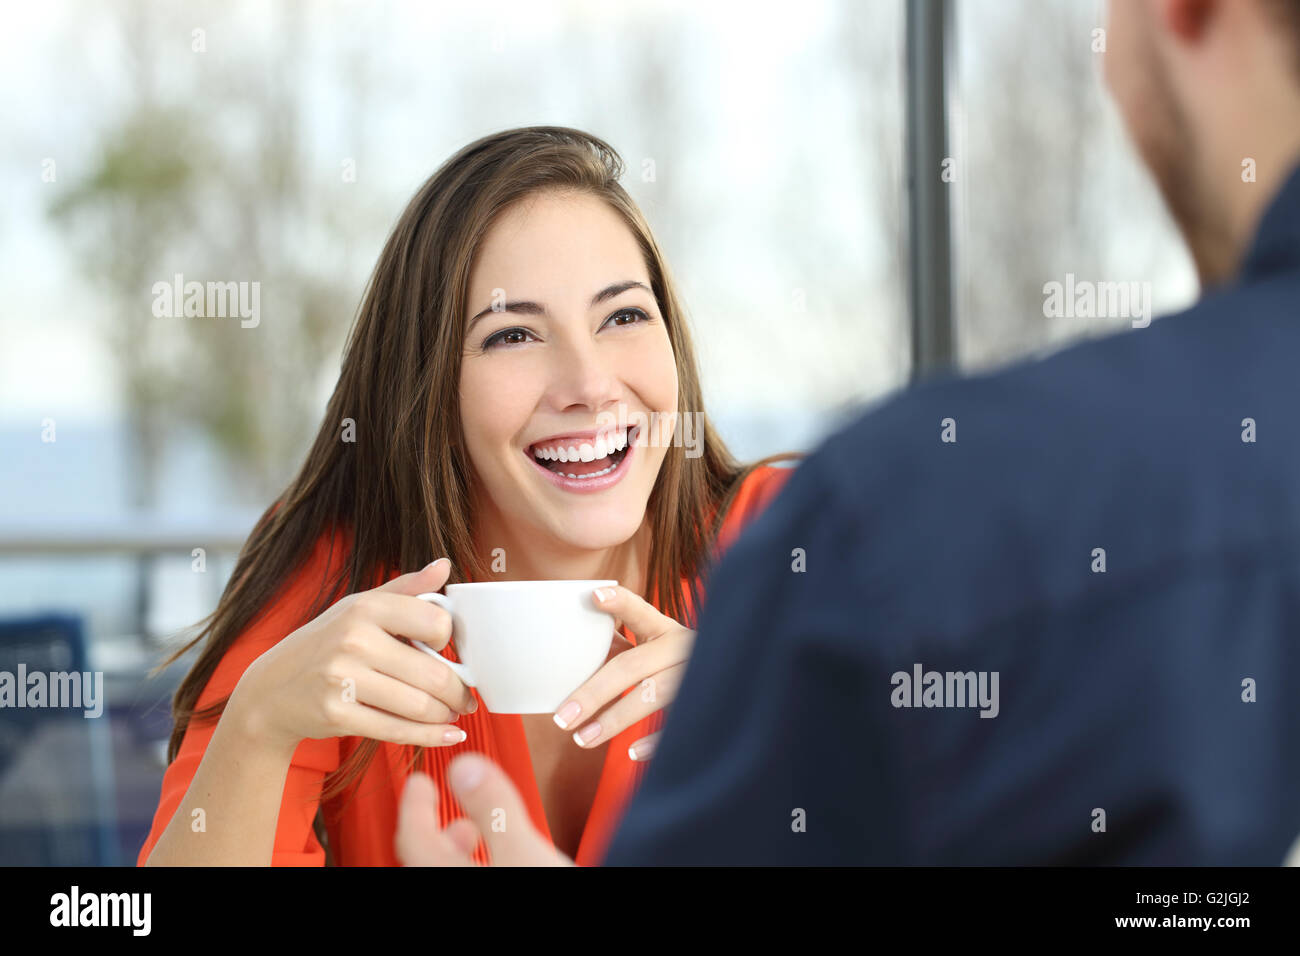 Feliz mujer dating en un café mirando a su pareja y sosteniendo una taza Imagen De Stock